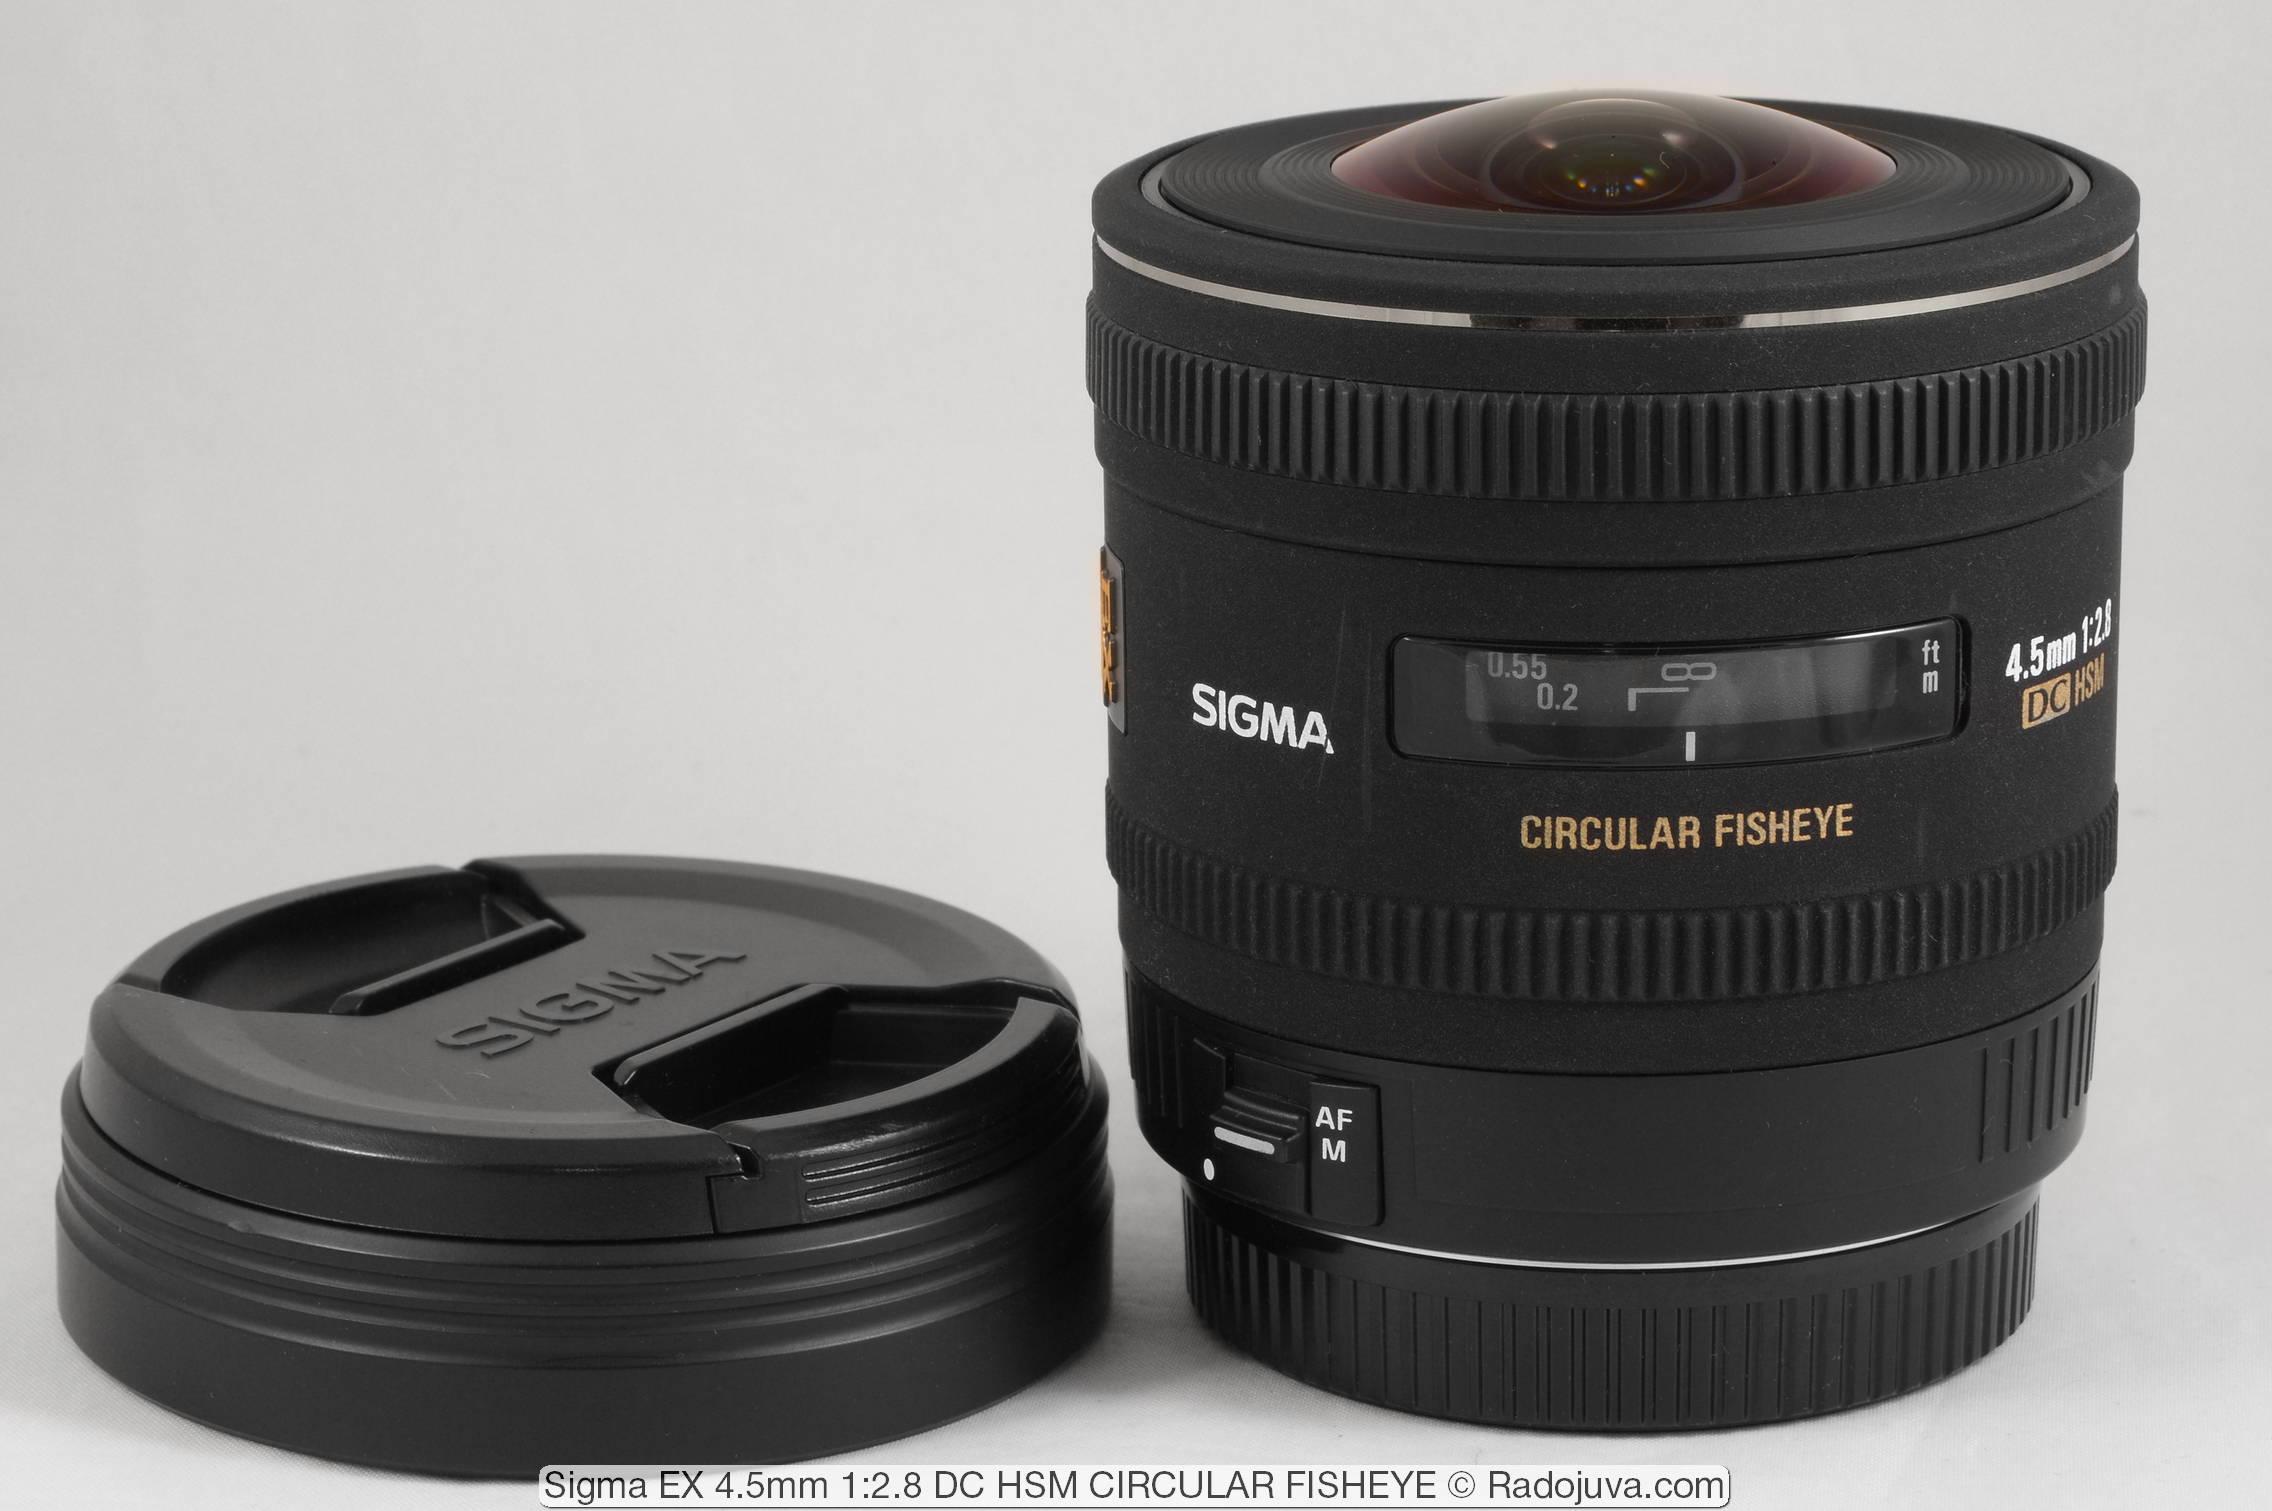 Sigma EX 4.5mm 1: 2.8 DC HSM CIRCULAR FISHEYE